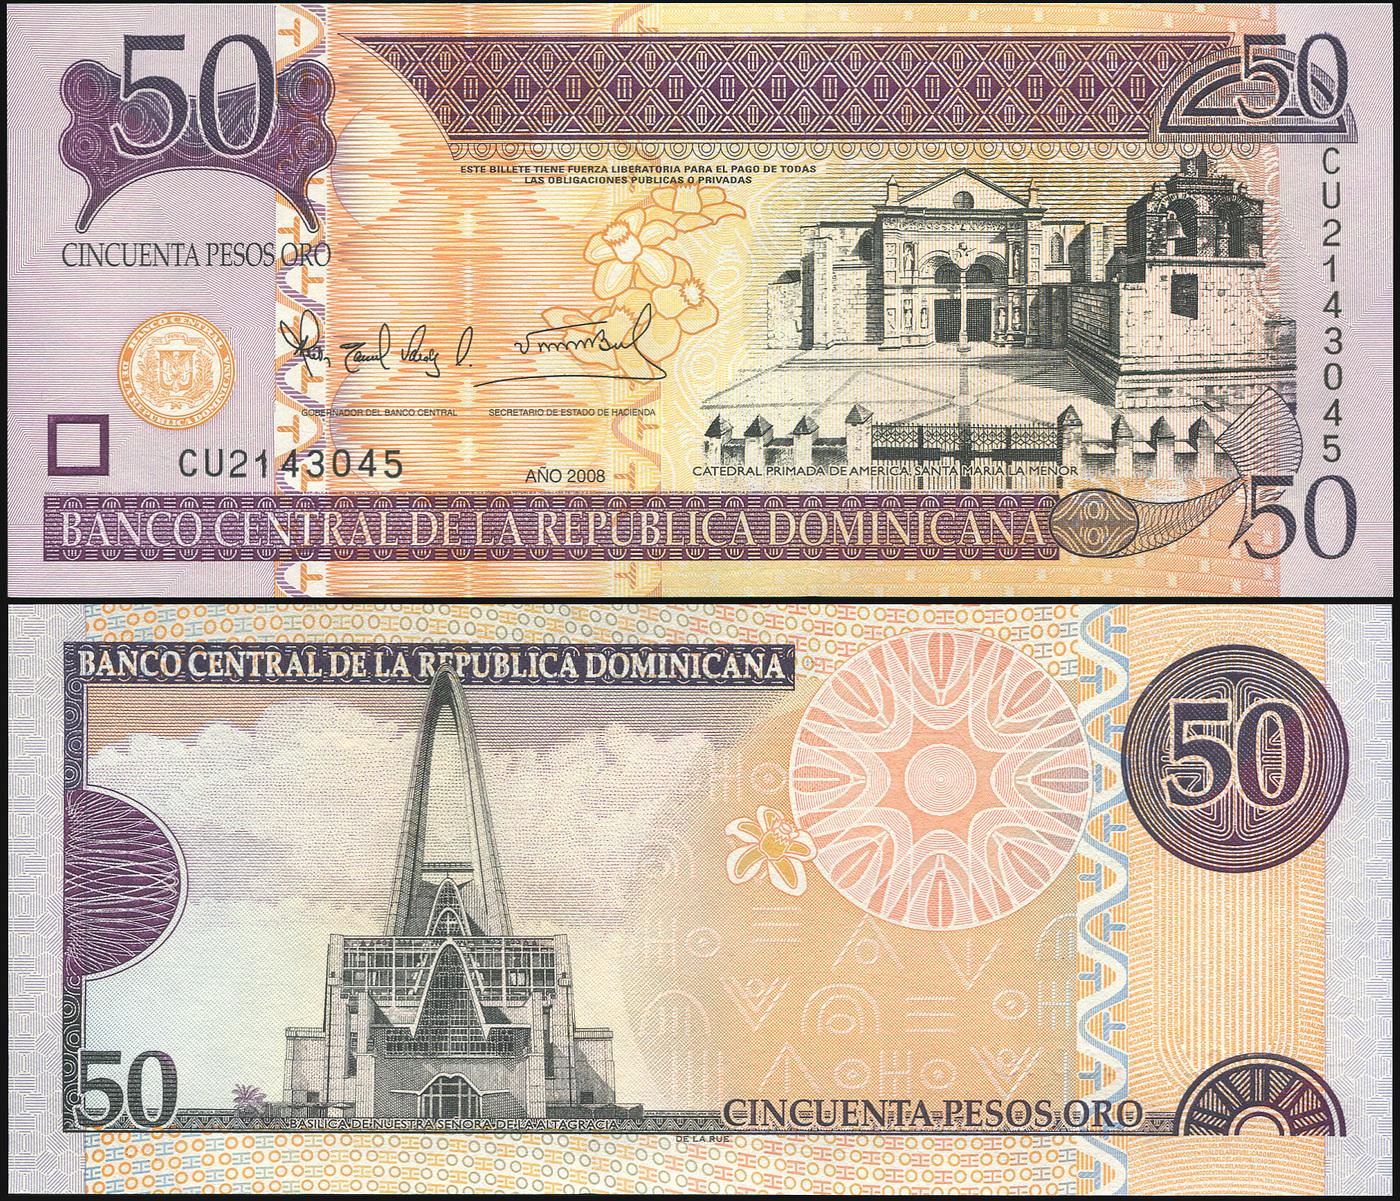 Банкнота. Доминиканская республика 50 песо оро. 2008 UNC. Кат.P.176b